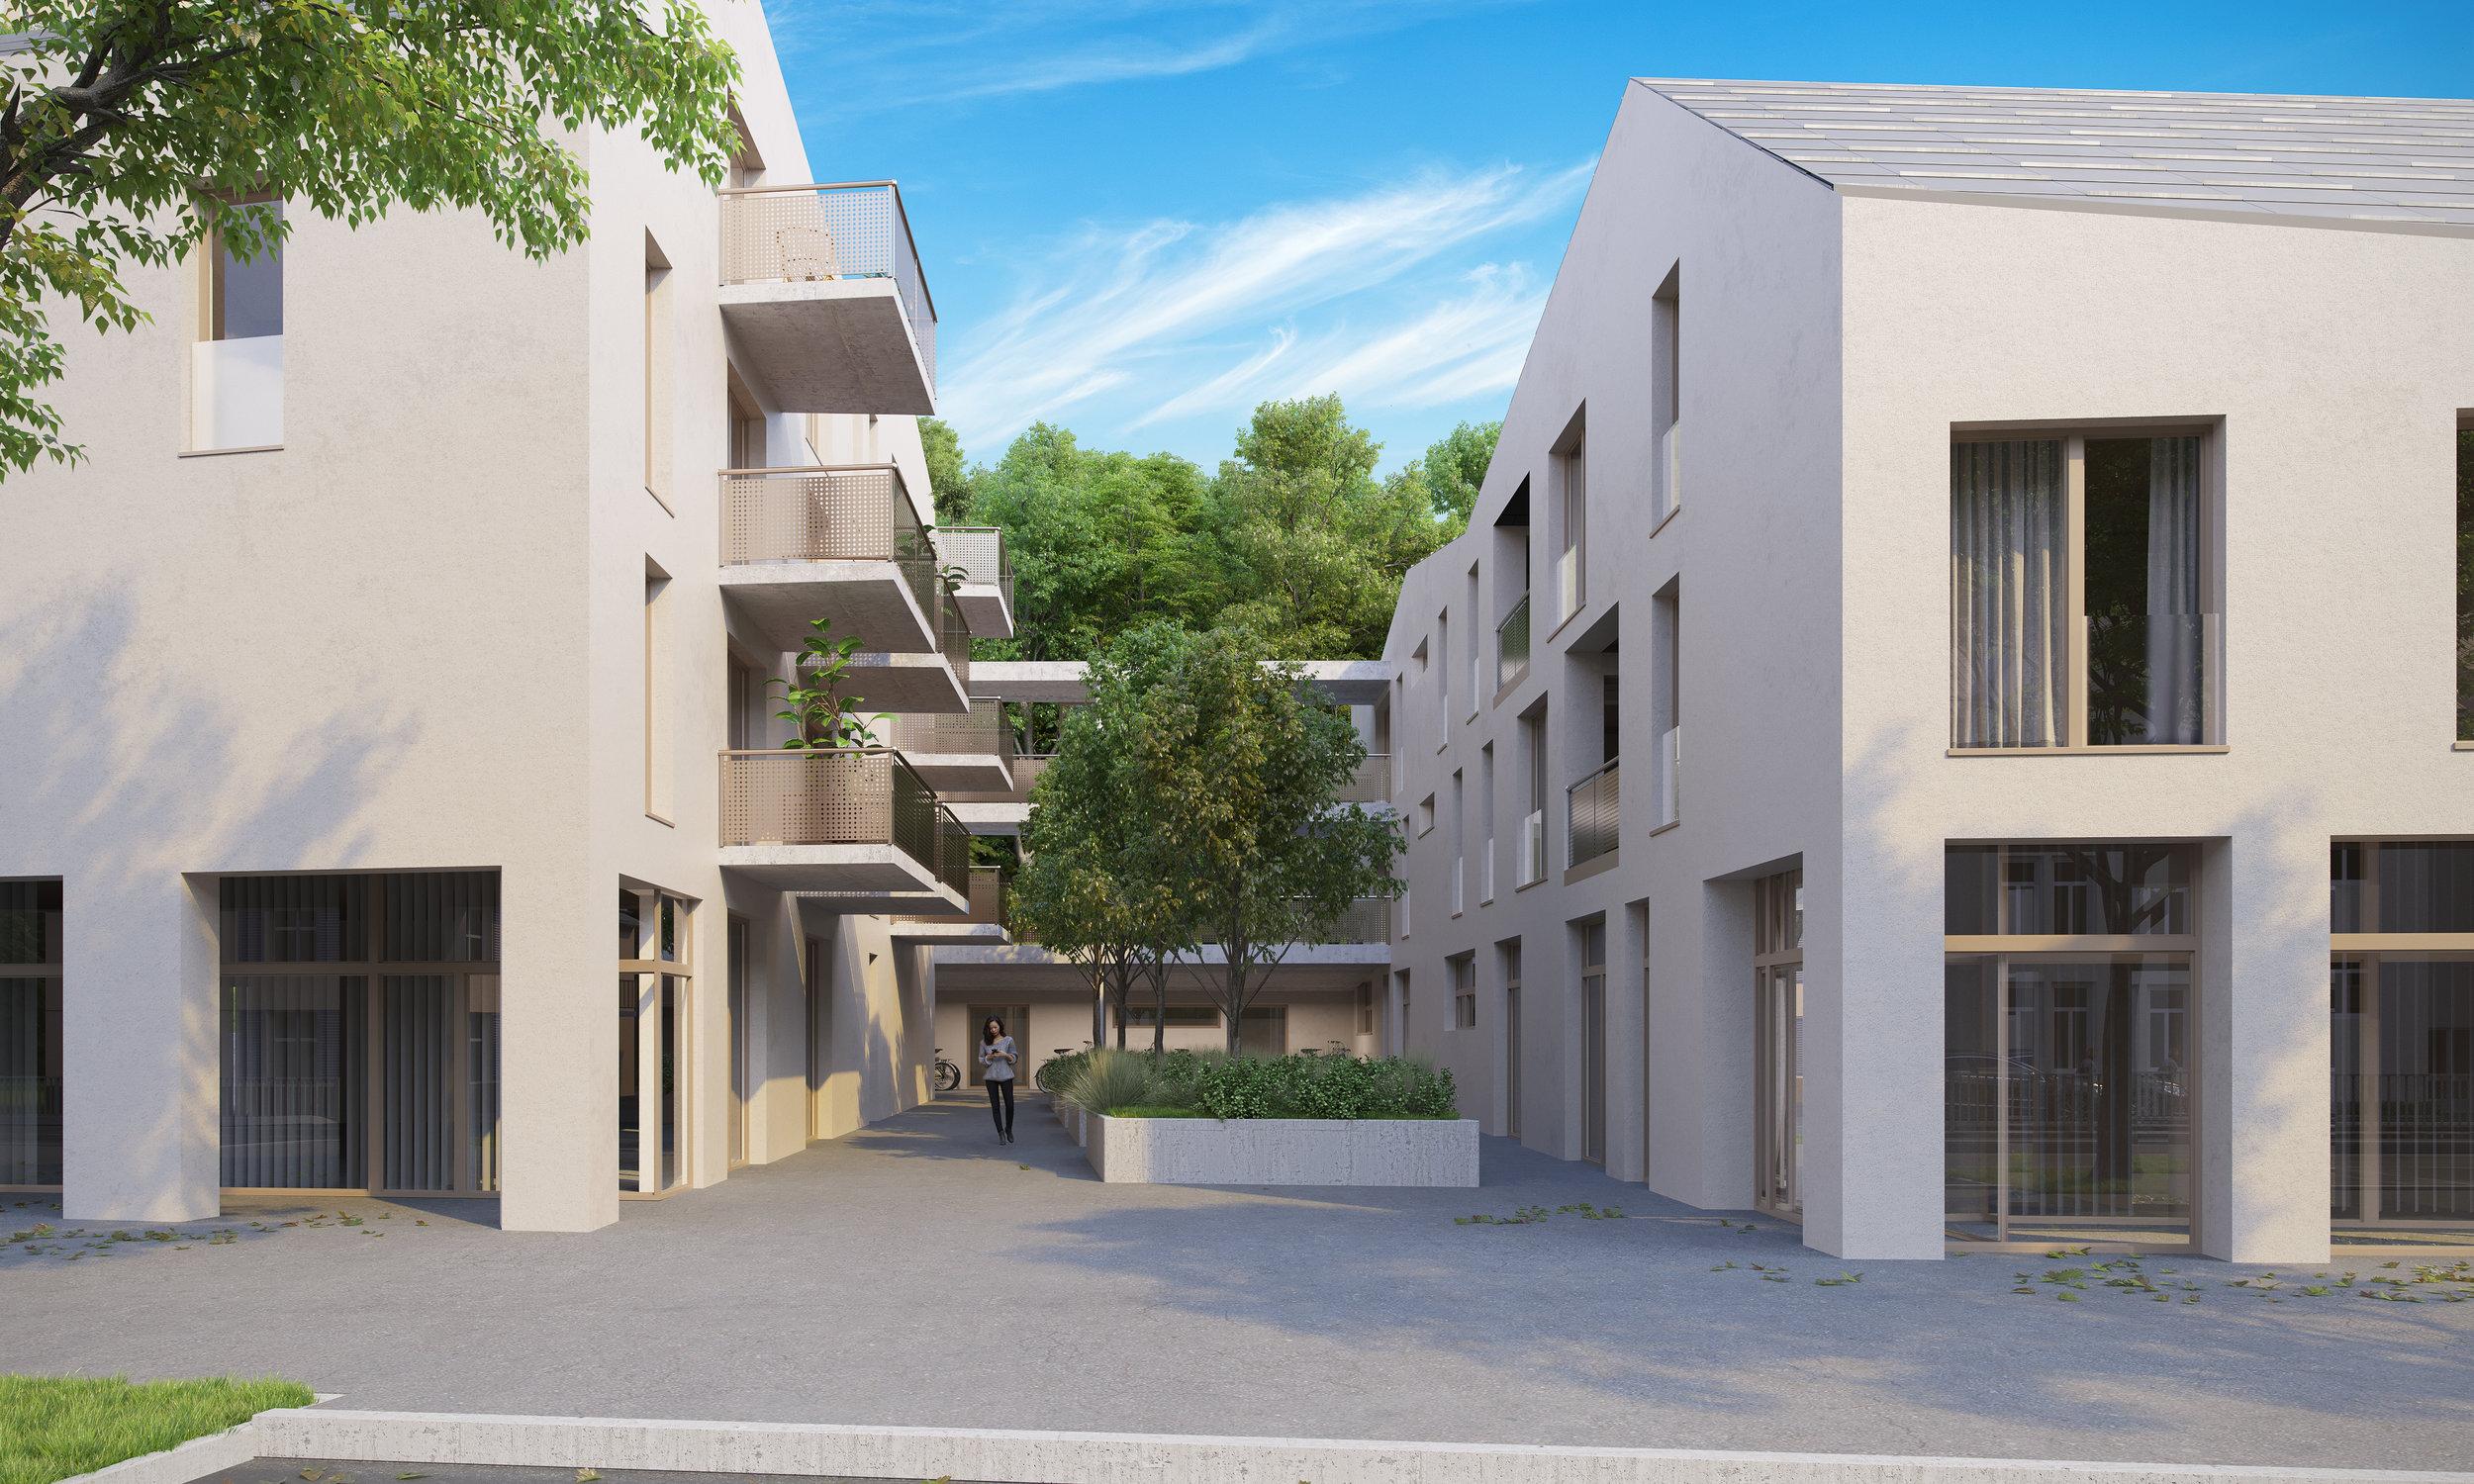 Mariatrosterstraße 212 - VERKAUFT! Keine Wohnung mehr verfügbar!24 Wohnungen im Zentrum von Graz Mariatrost